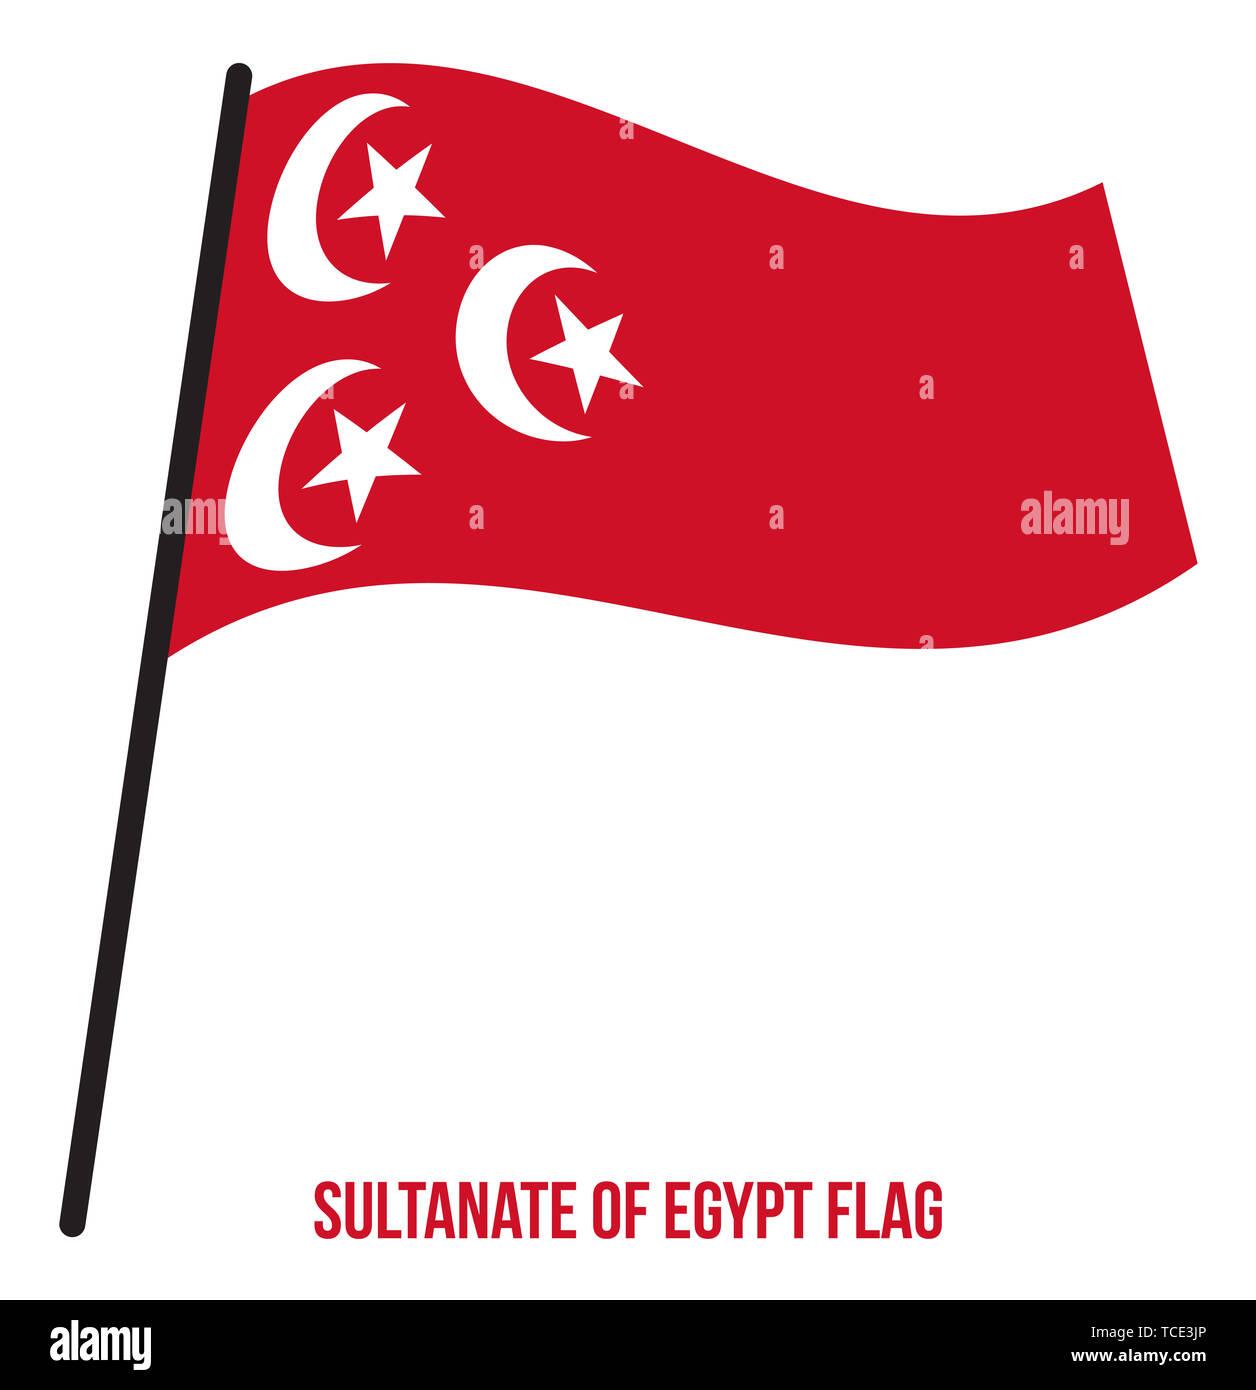 Sultanate of Egypt Flag Waving Vector Illustration on White